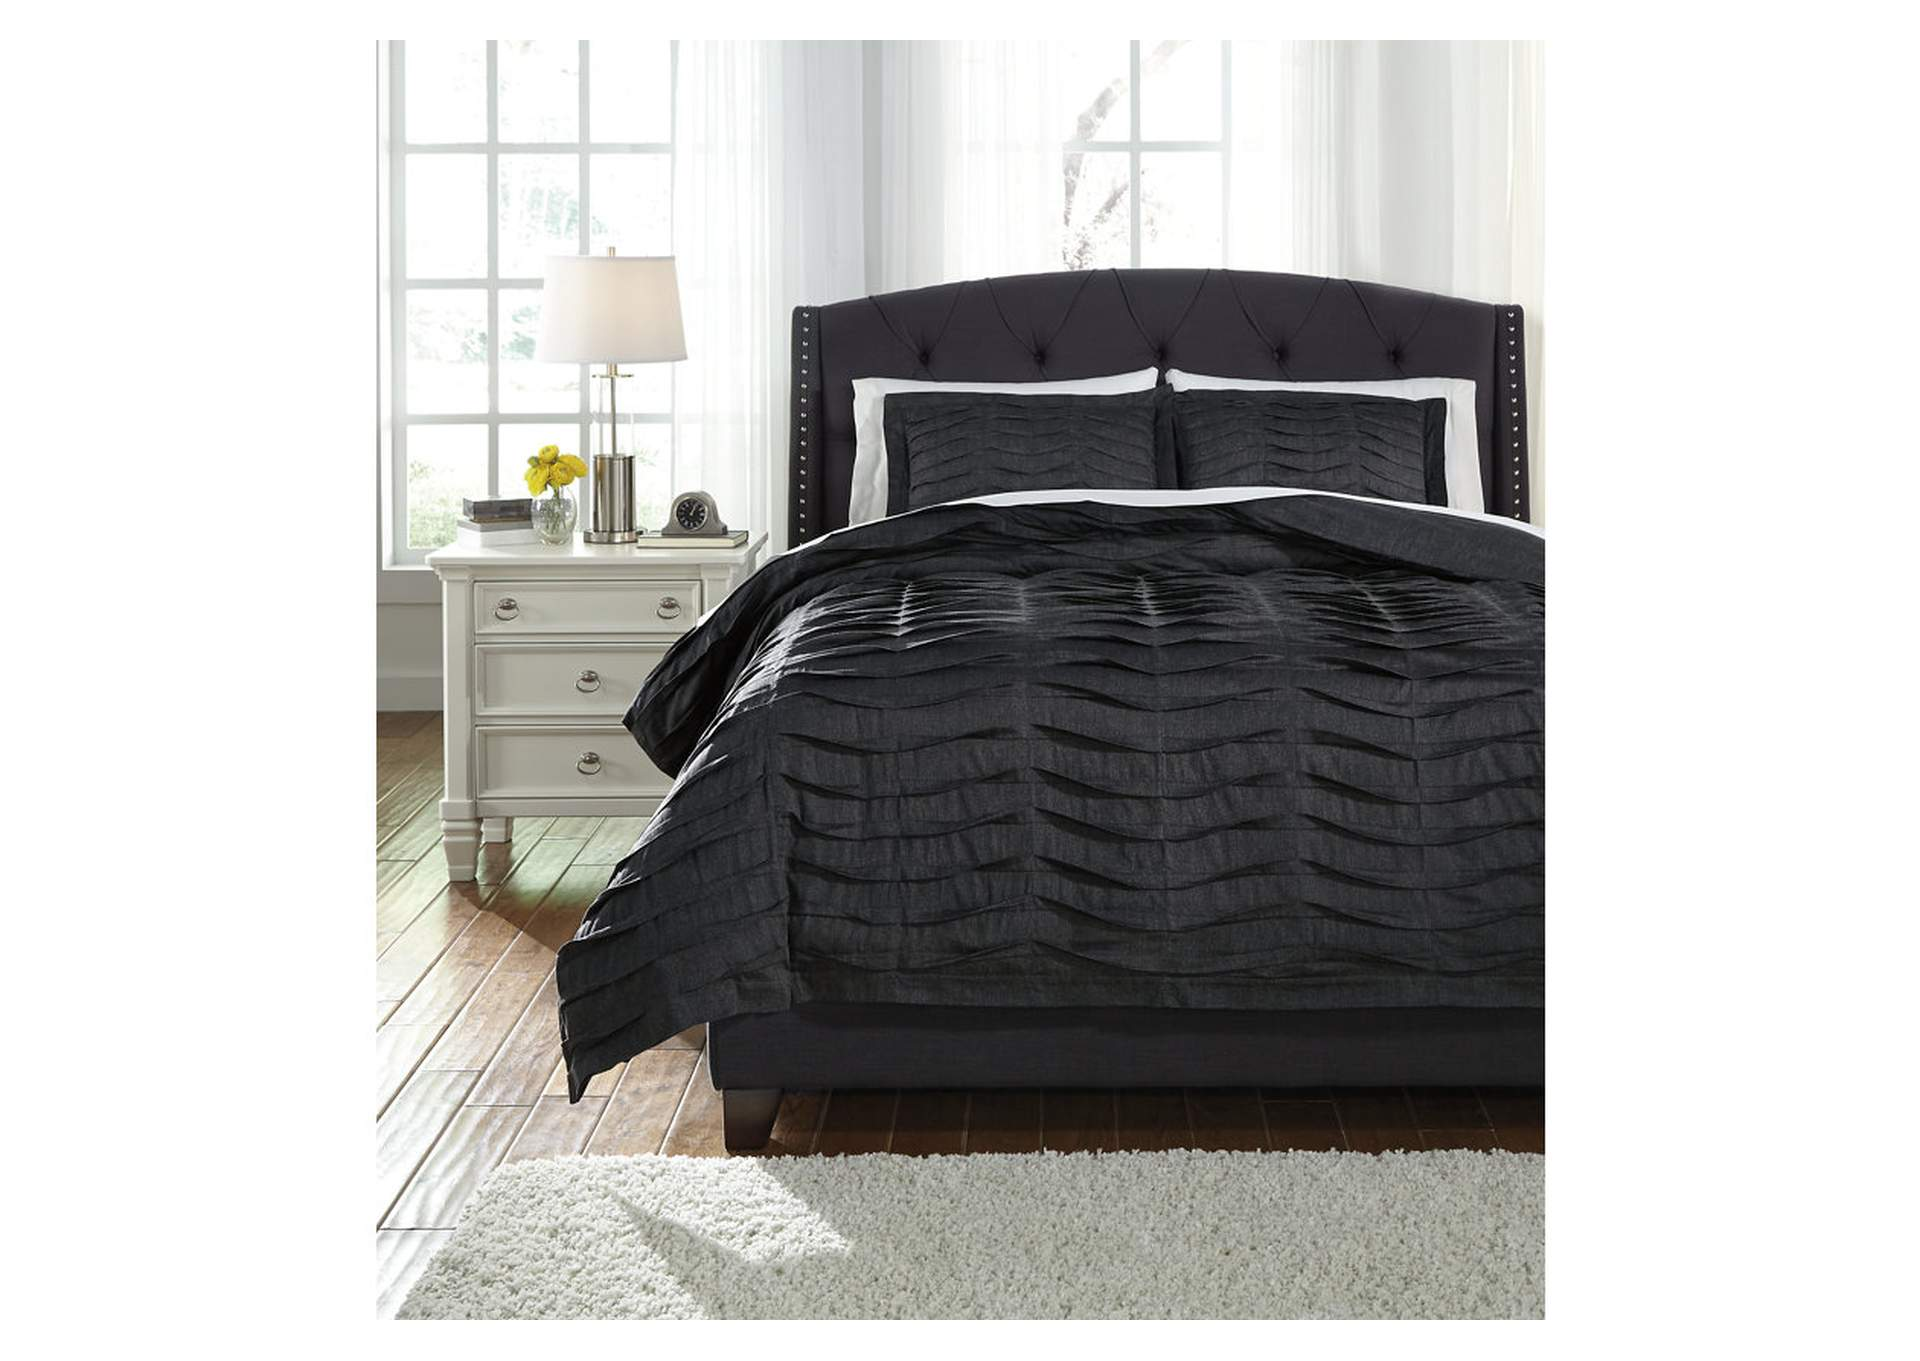 Juego de cobertor de duvet Voltos Charcoal en tamaño king (Set de 3)